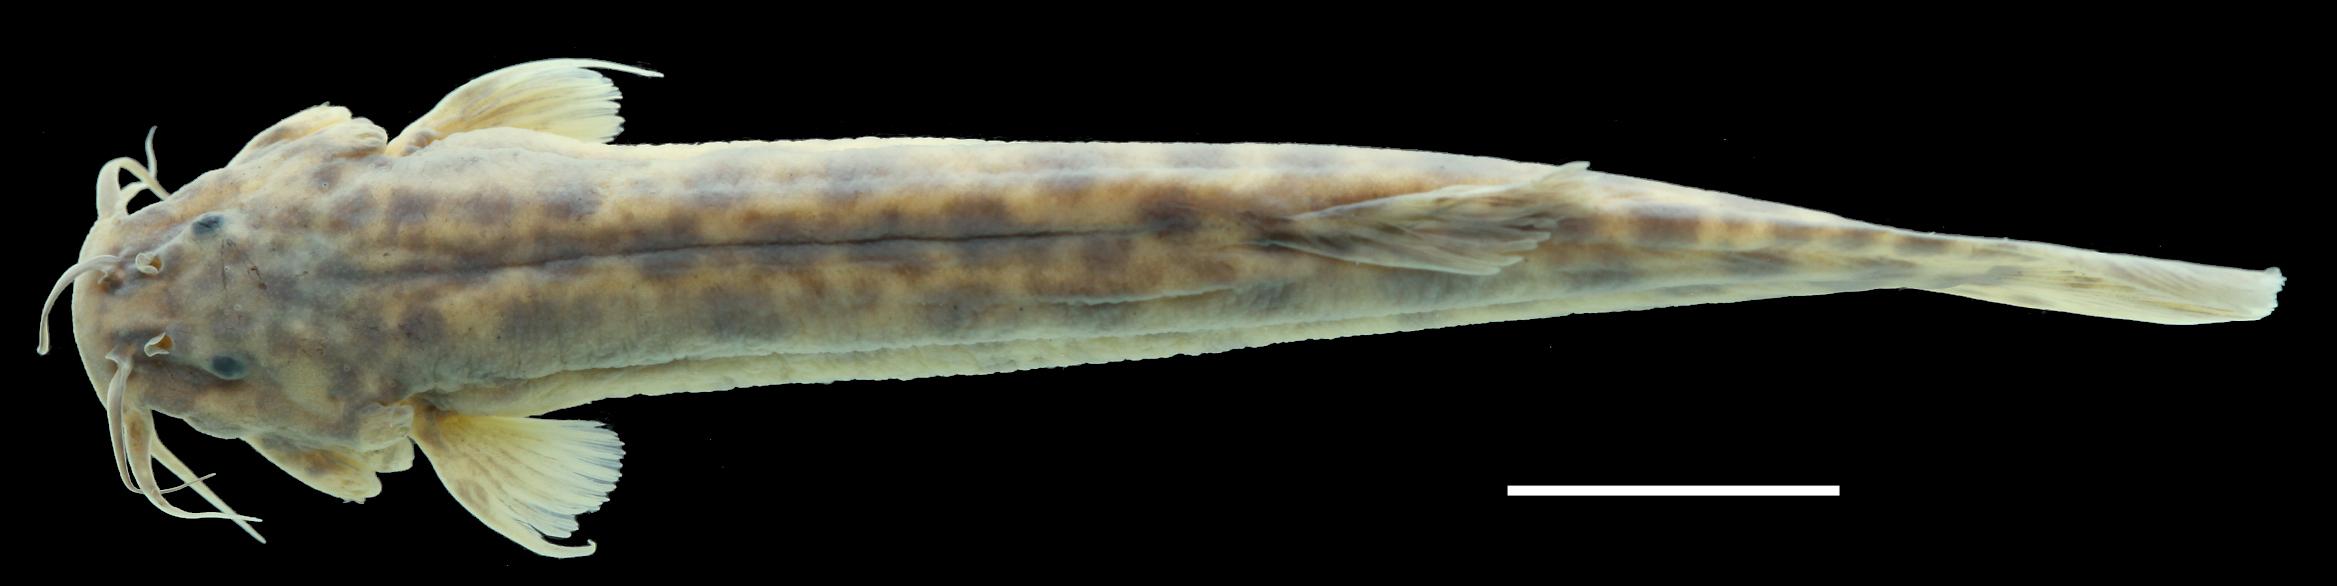 Paratype of <em>Trichomycterus ocanaensis</em>, IAvH-P-11115_Dorsal, 57.2 mm SL (scale bar = 1 cm). Photograph by C. DoNascimiento